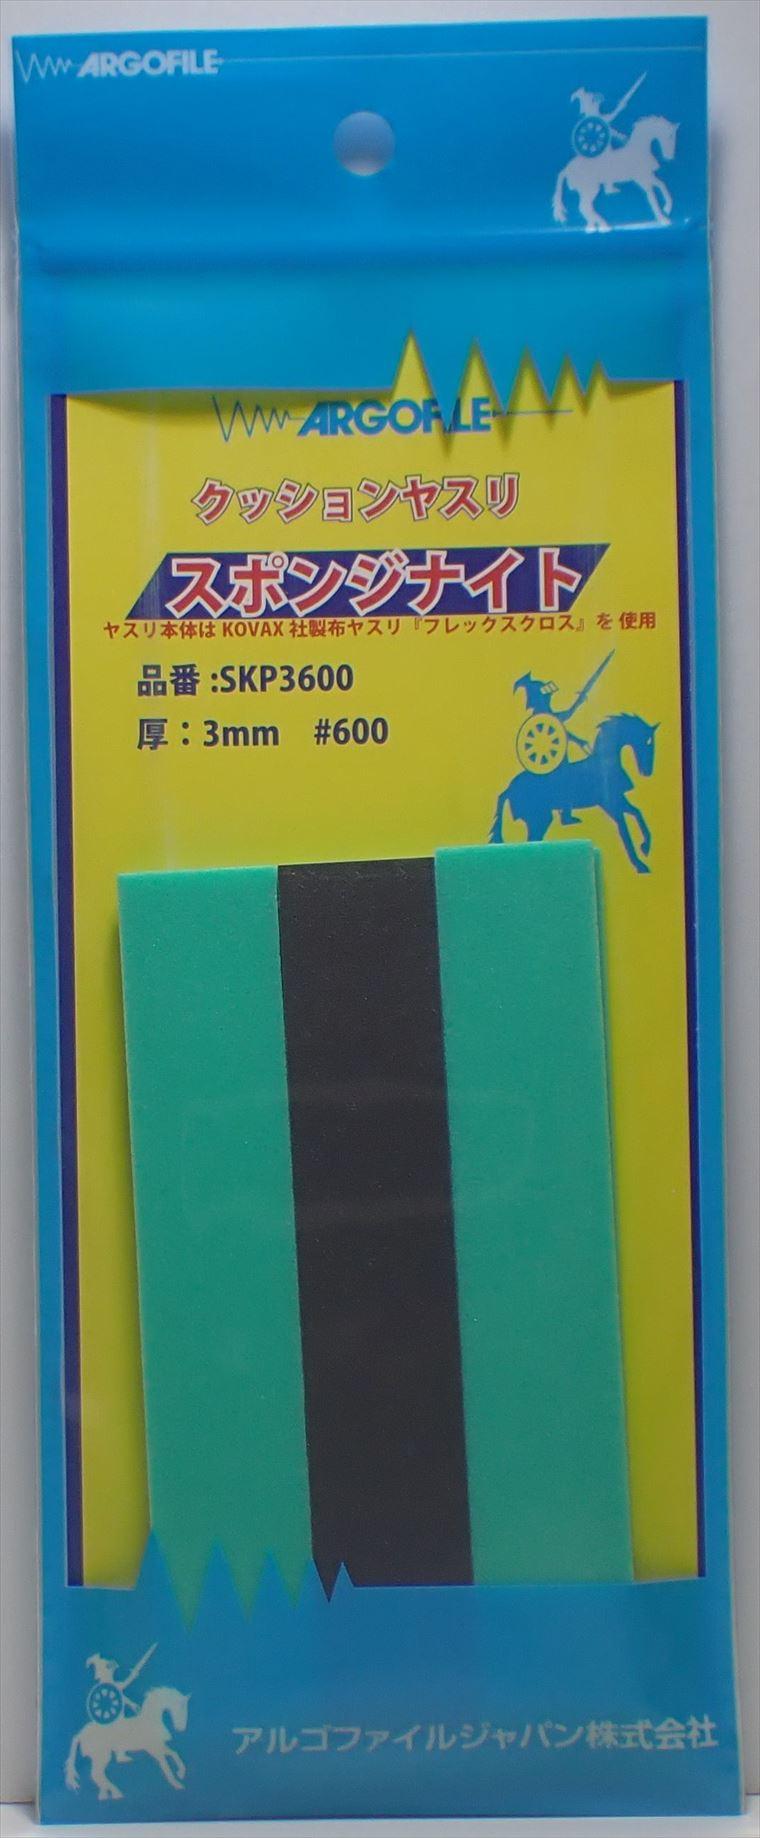 SKP3600 スポンジナイト 厚さ3mm #600   《ARGOFILE》